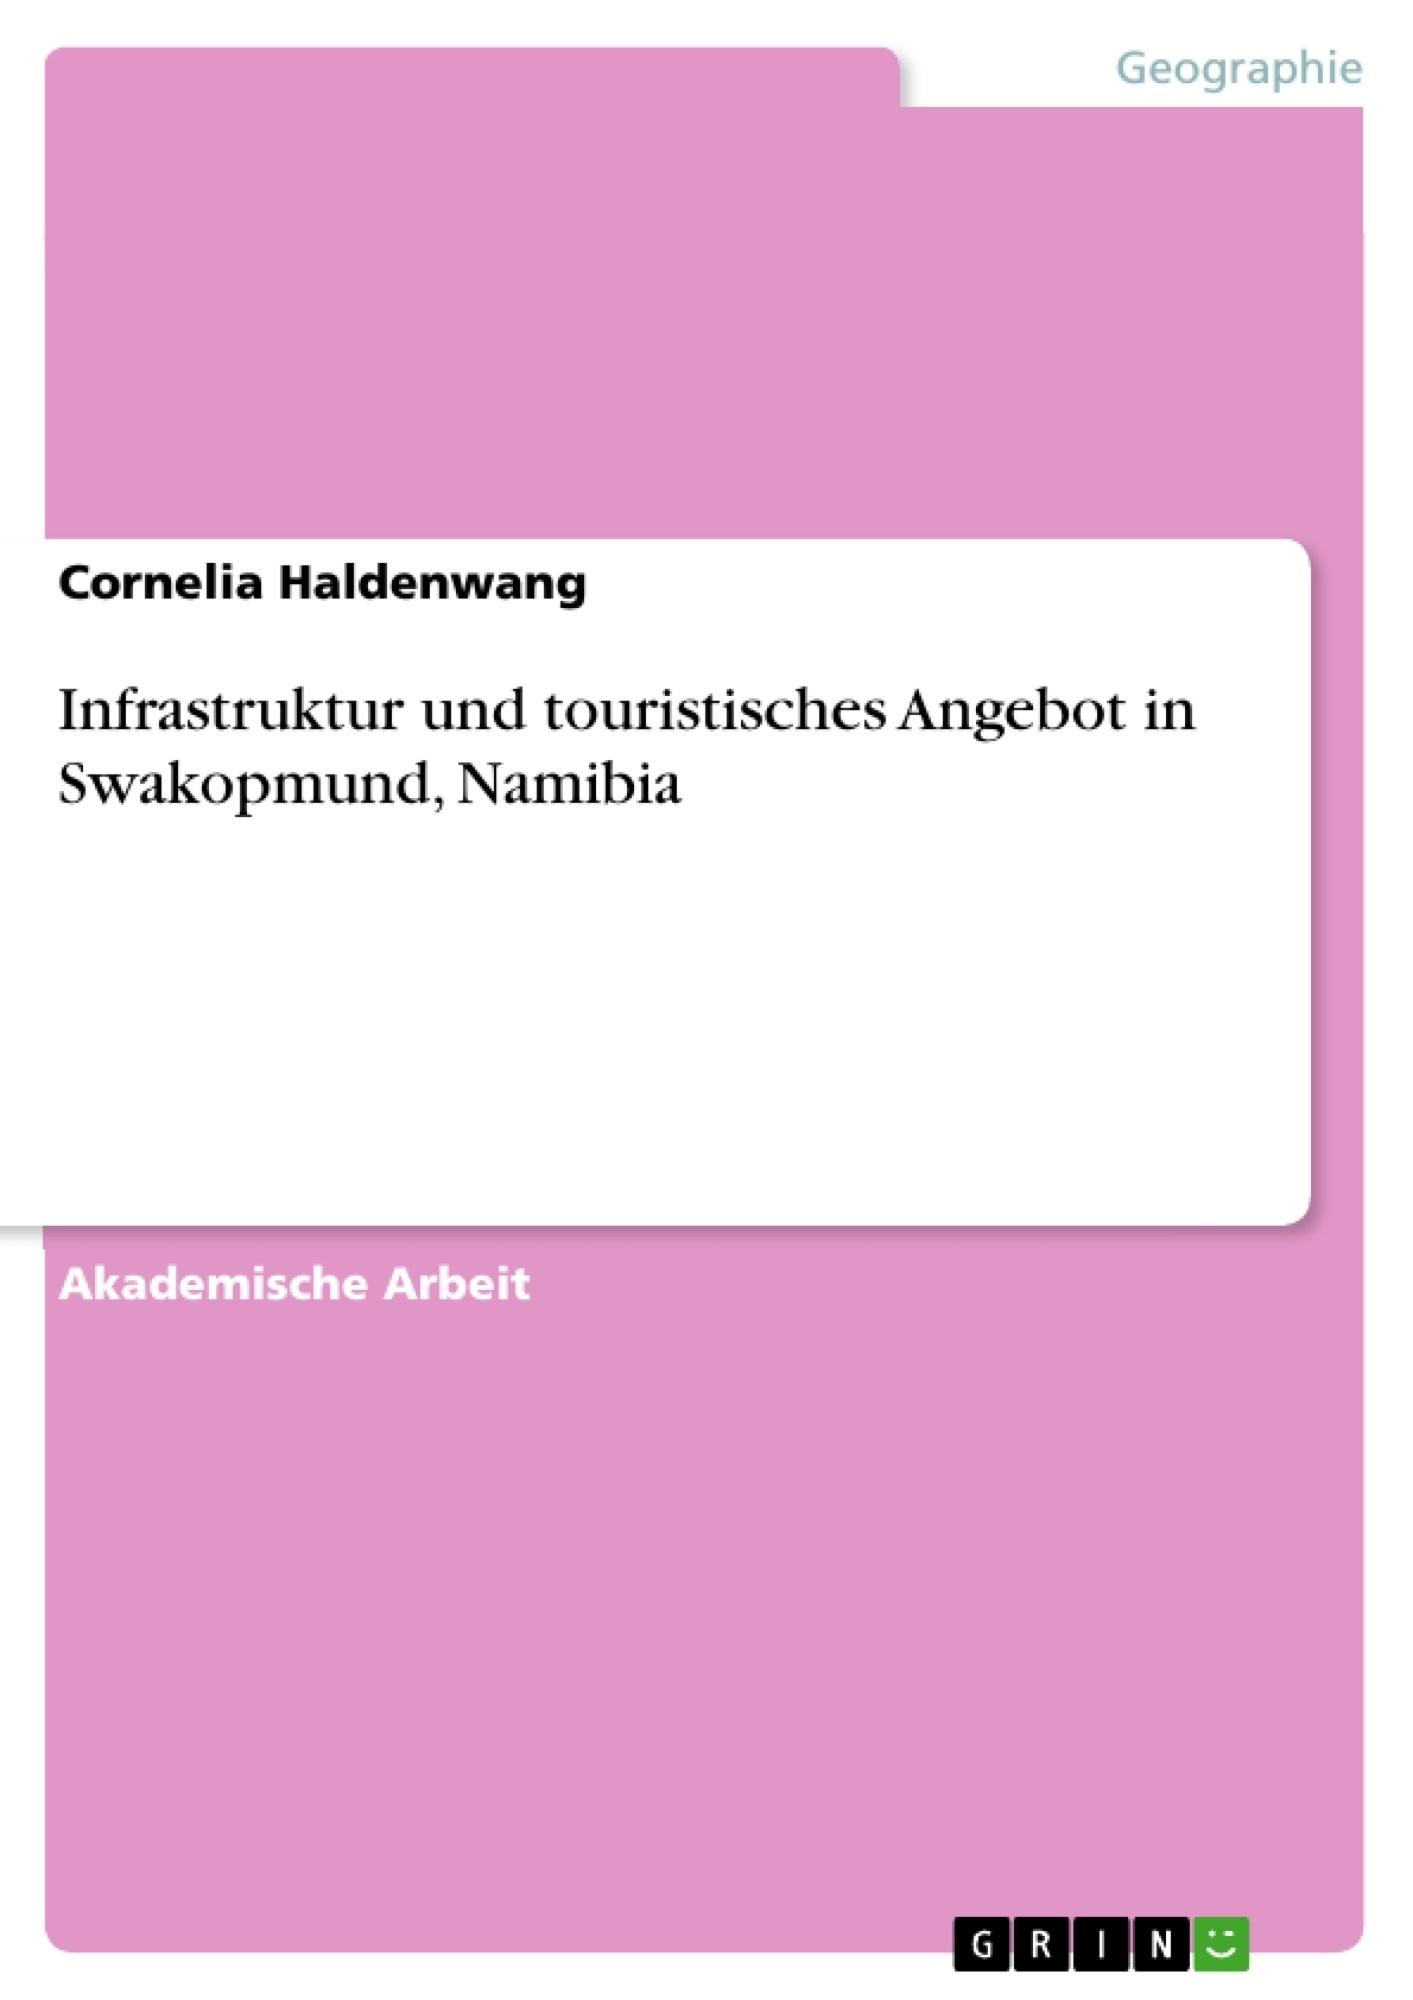 Titel: Infrastruktur und touristisches Angebot in Swakopmund, Namibia